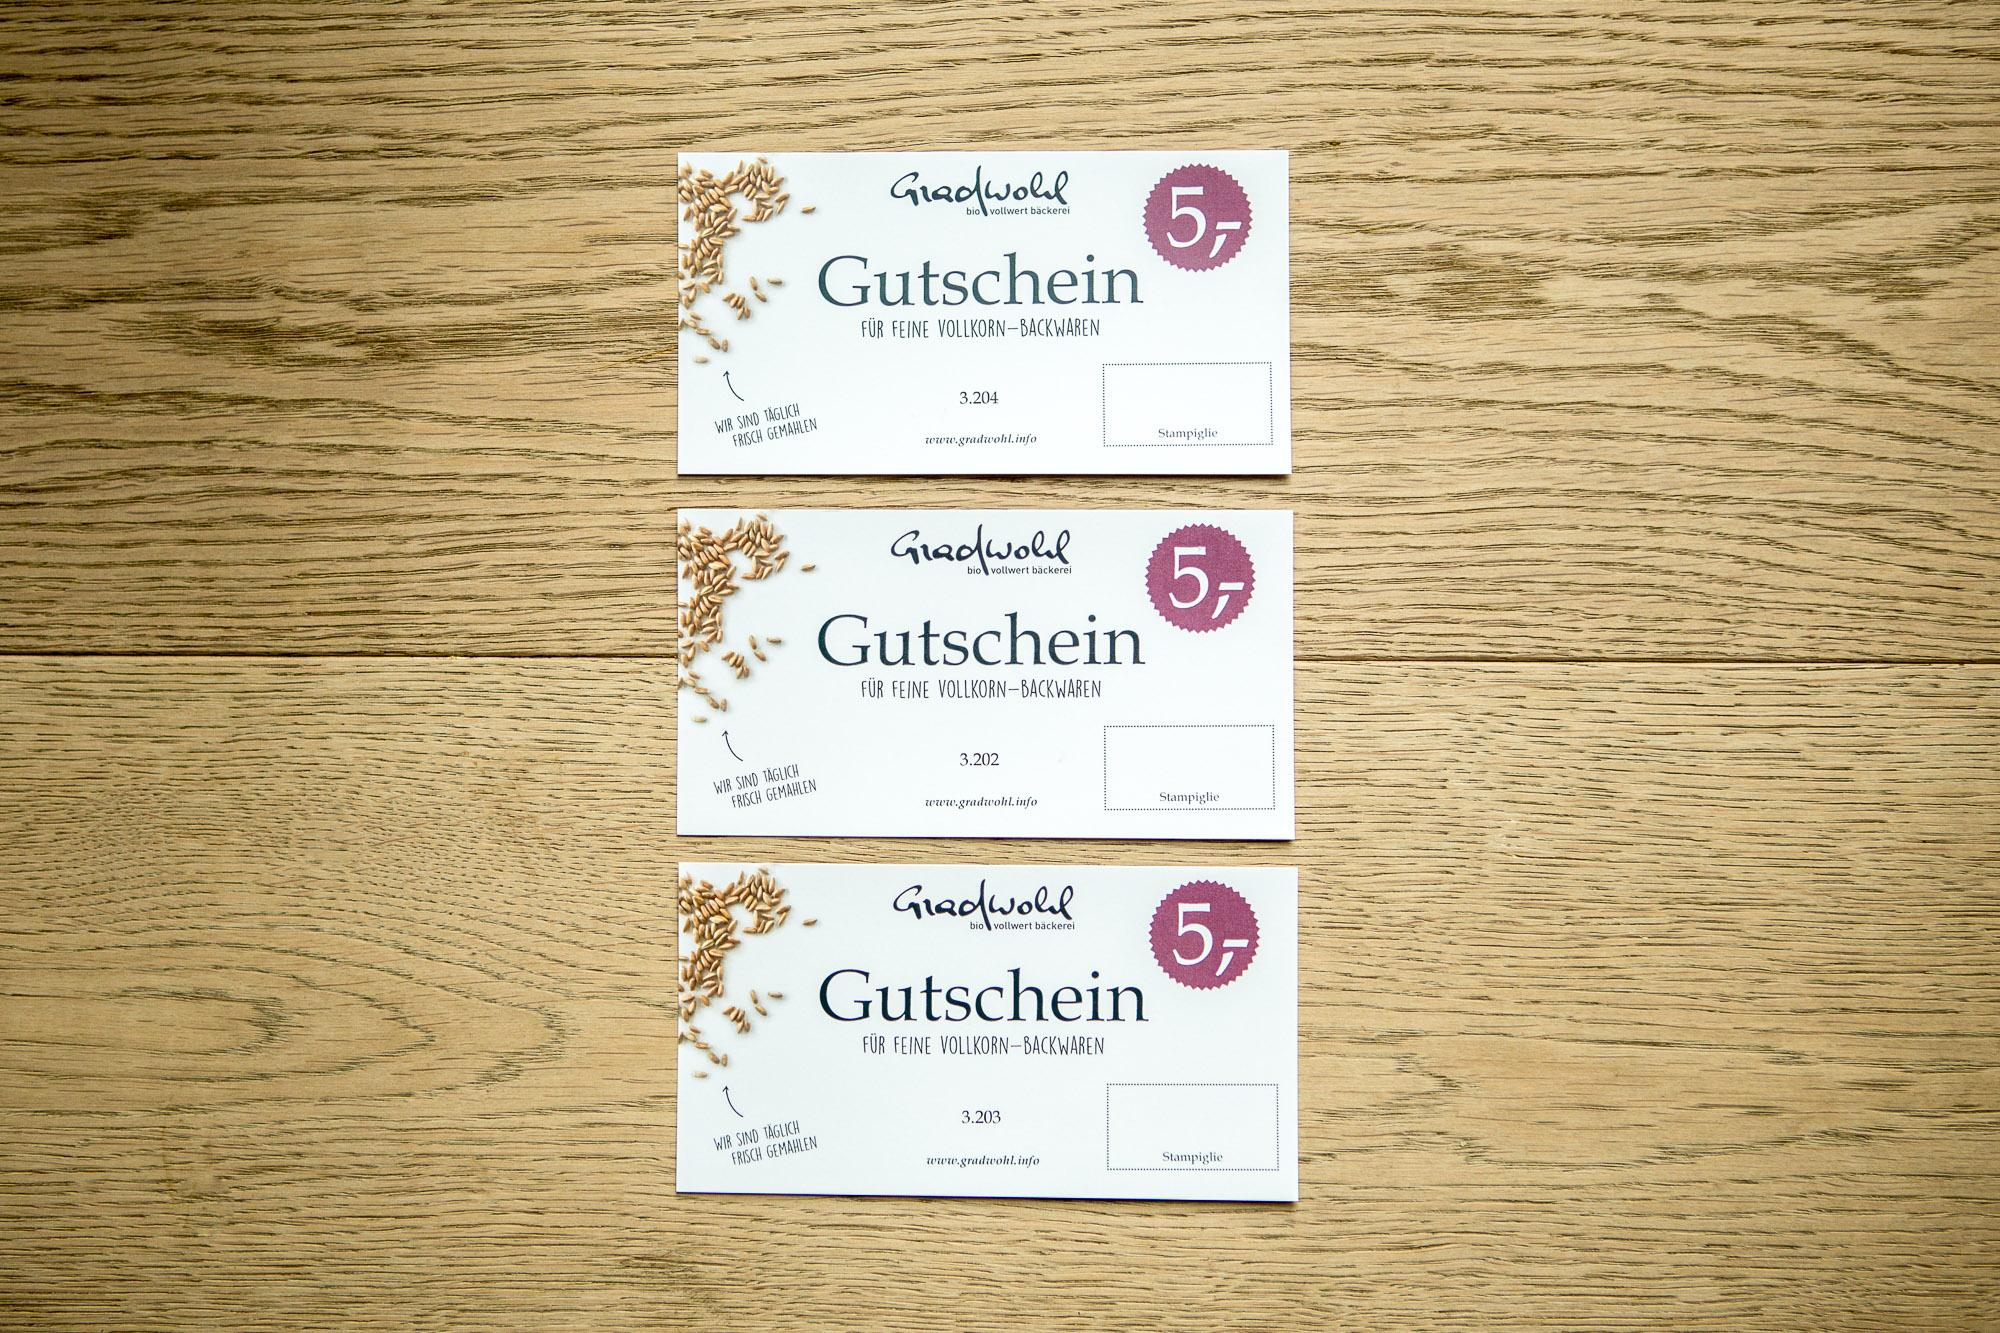 fe6d099cce Gutschein | Bäckerei Gradwohl